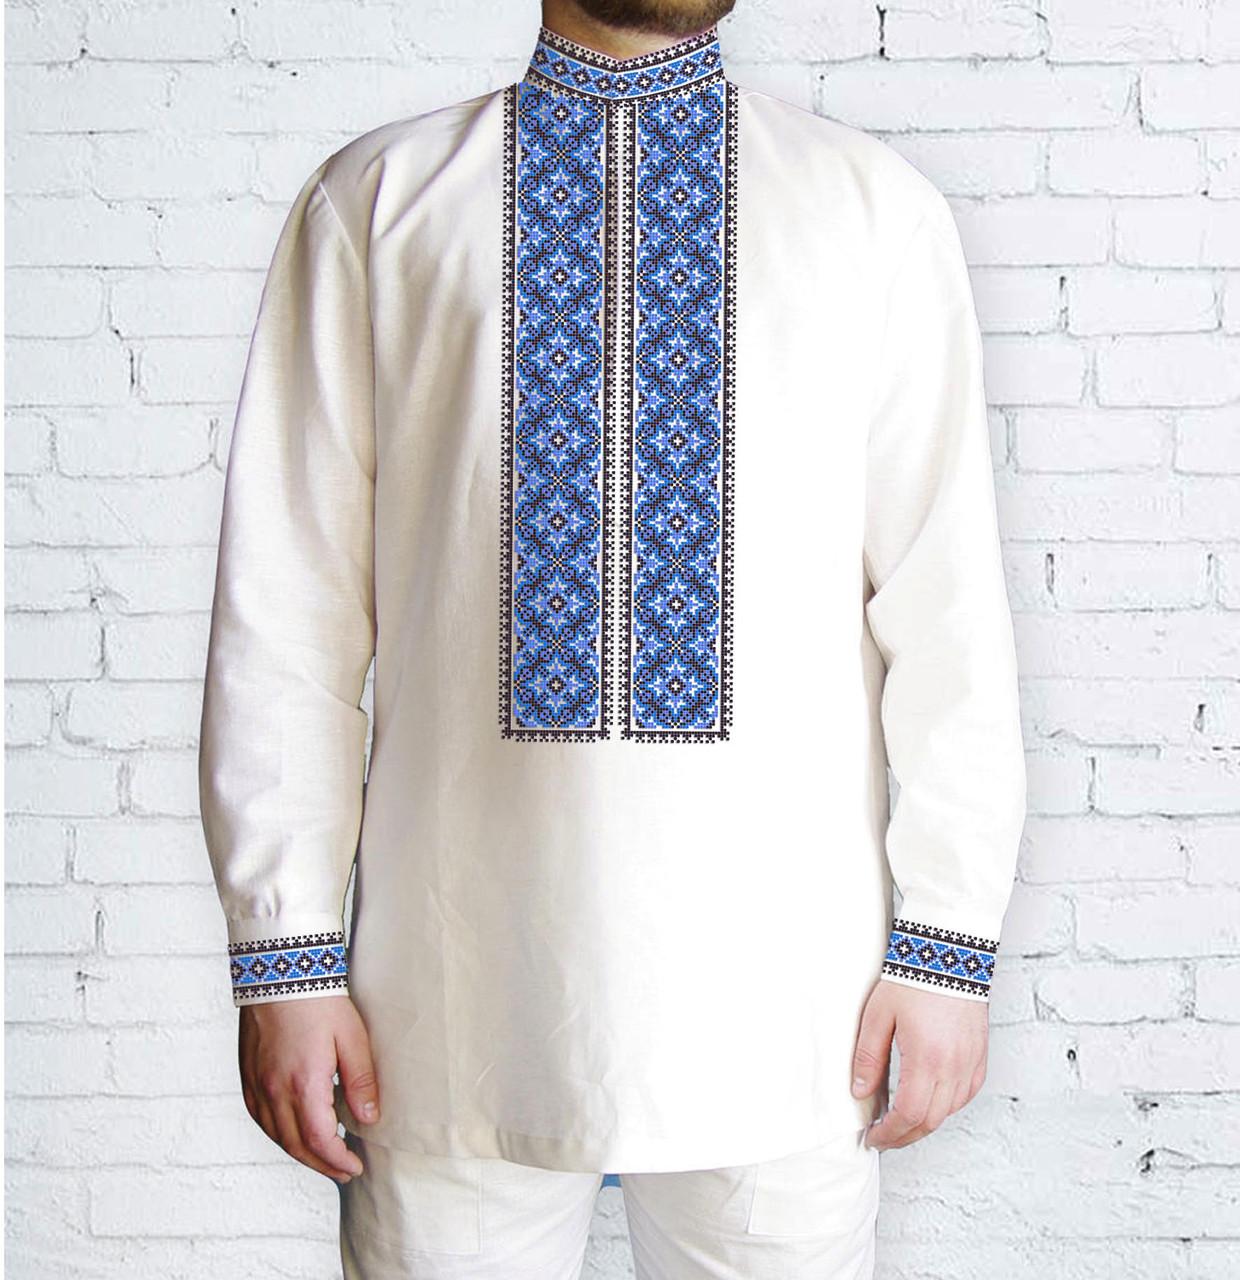 Заготовка мужской рубашки / вышиванки / сорочки для вышивки / вышивания бисером или нитками «Орнамент 524 Г»